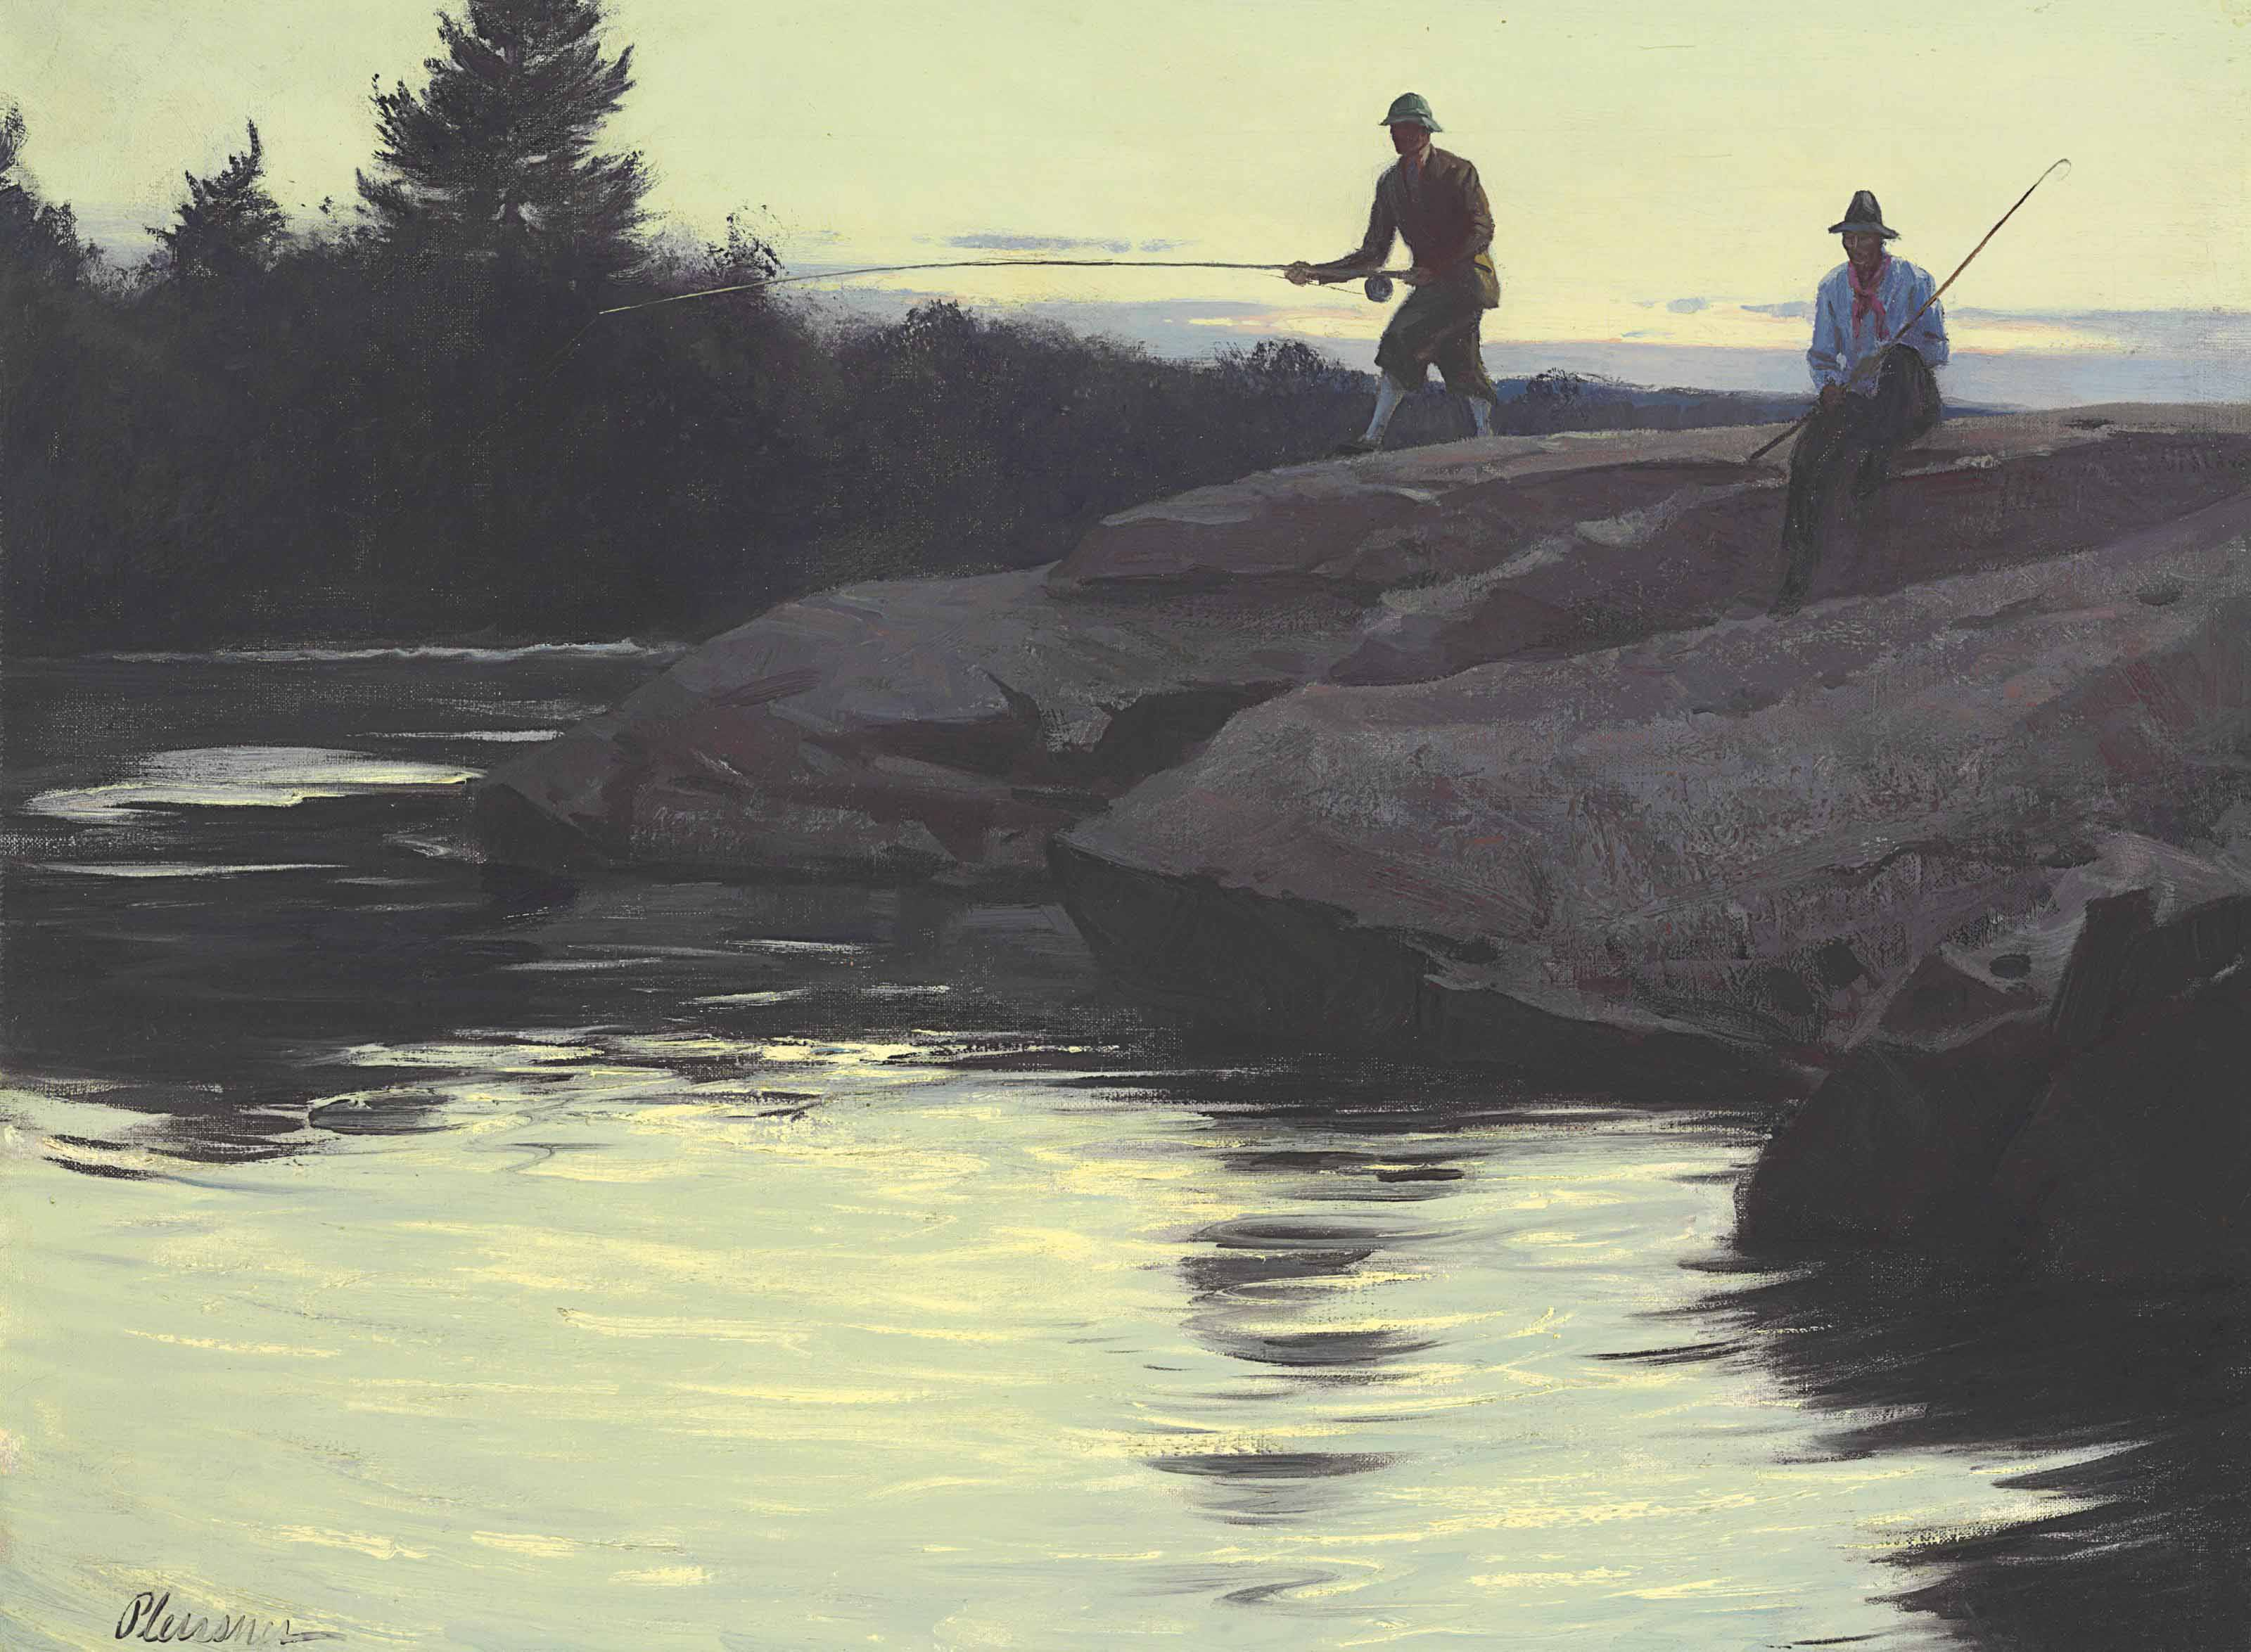 Fishermen on a Rock